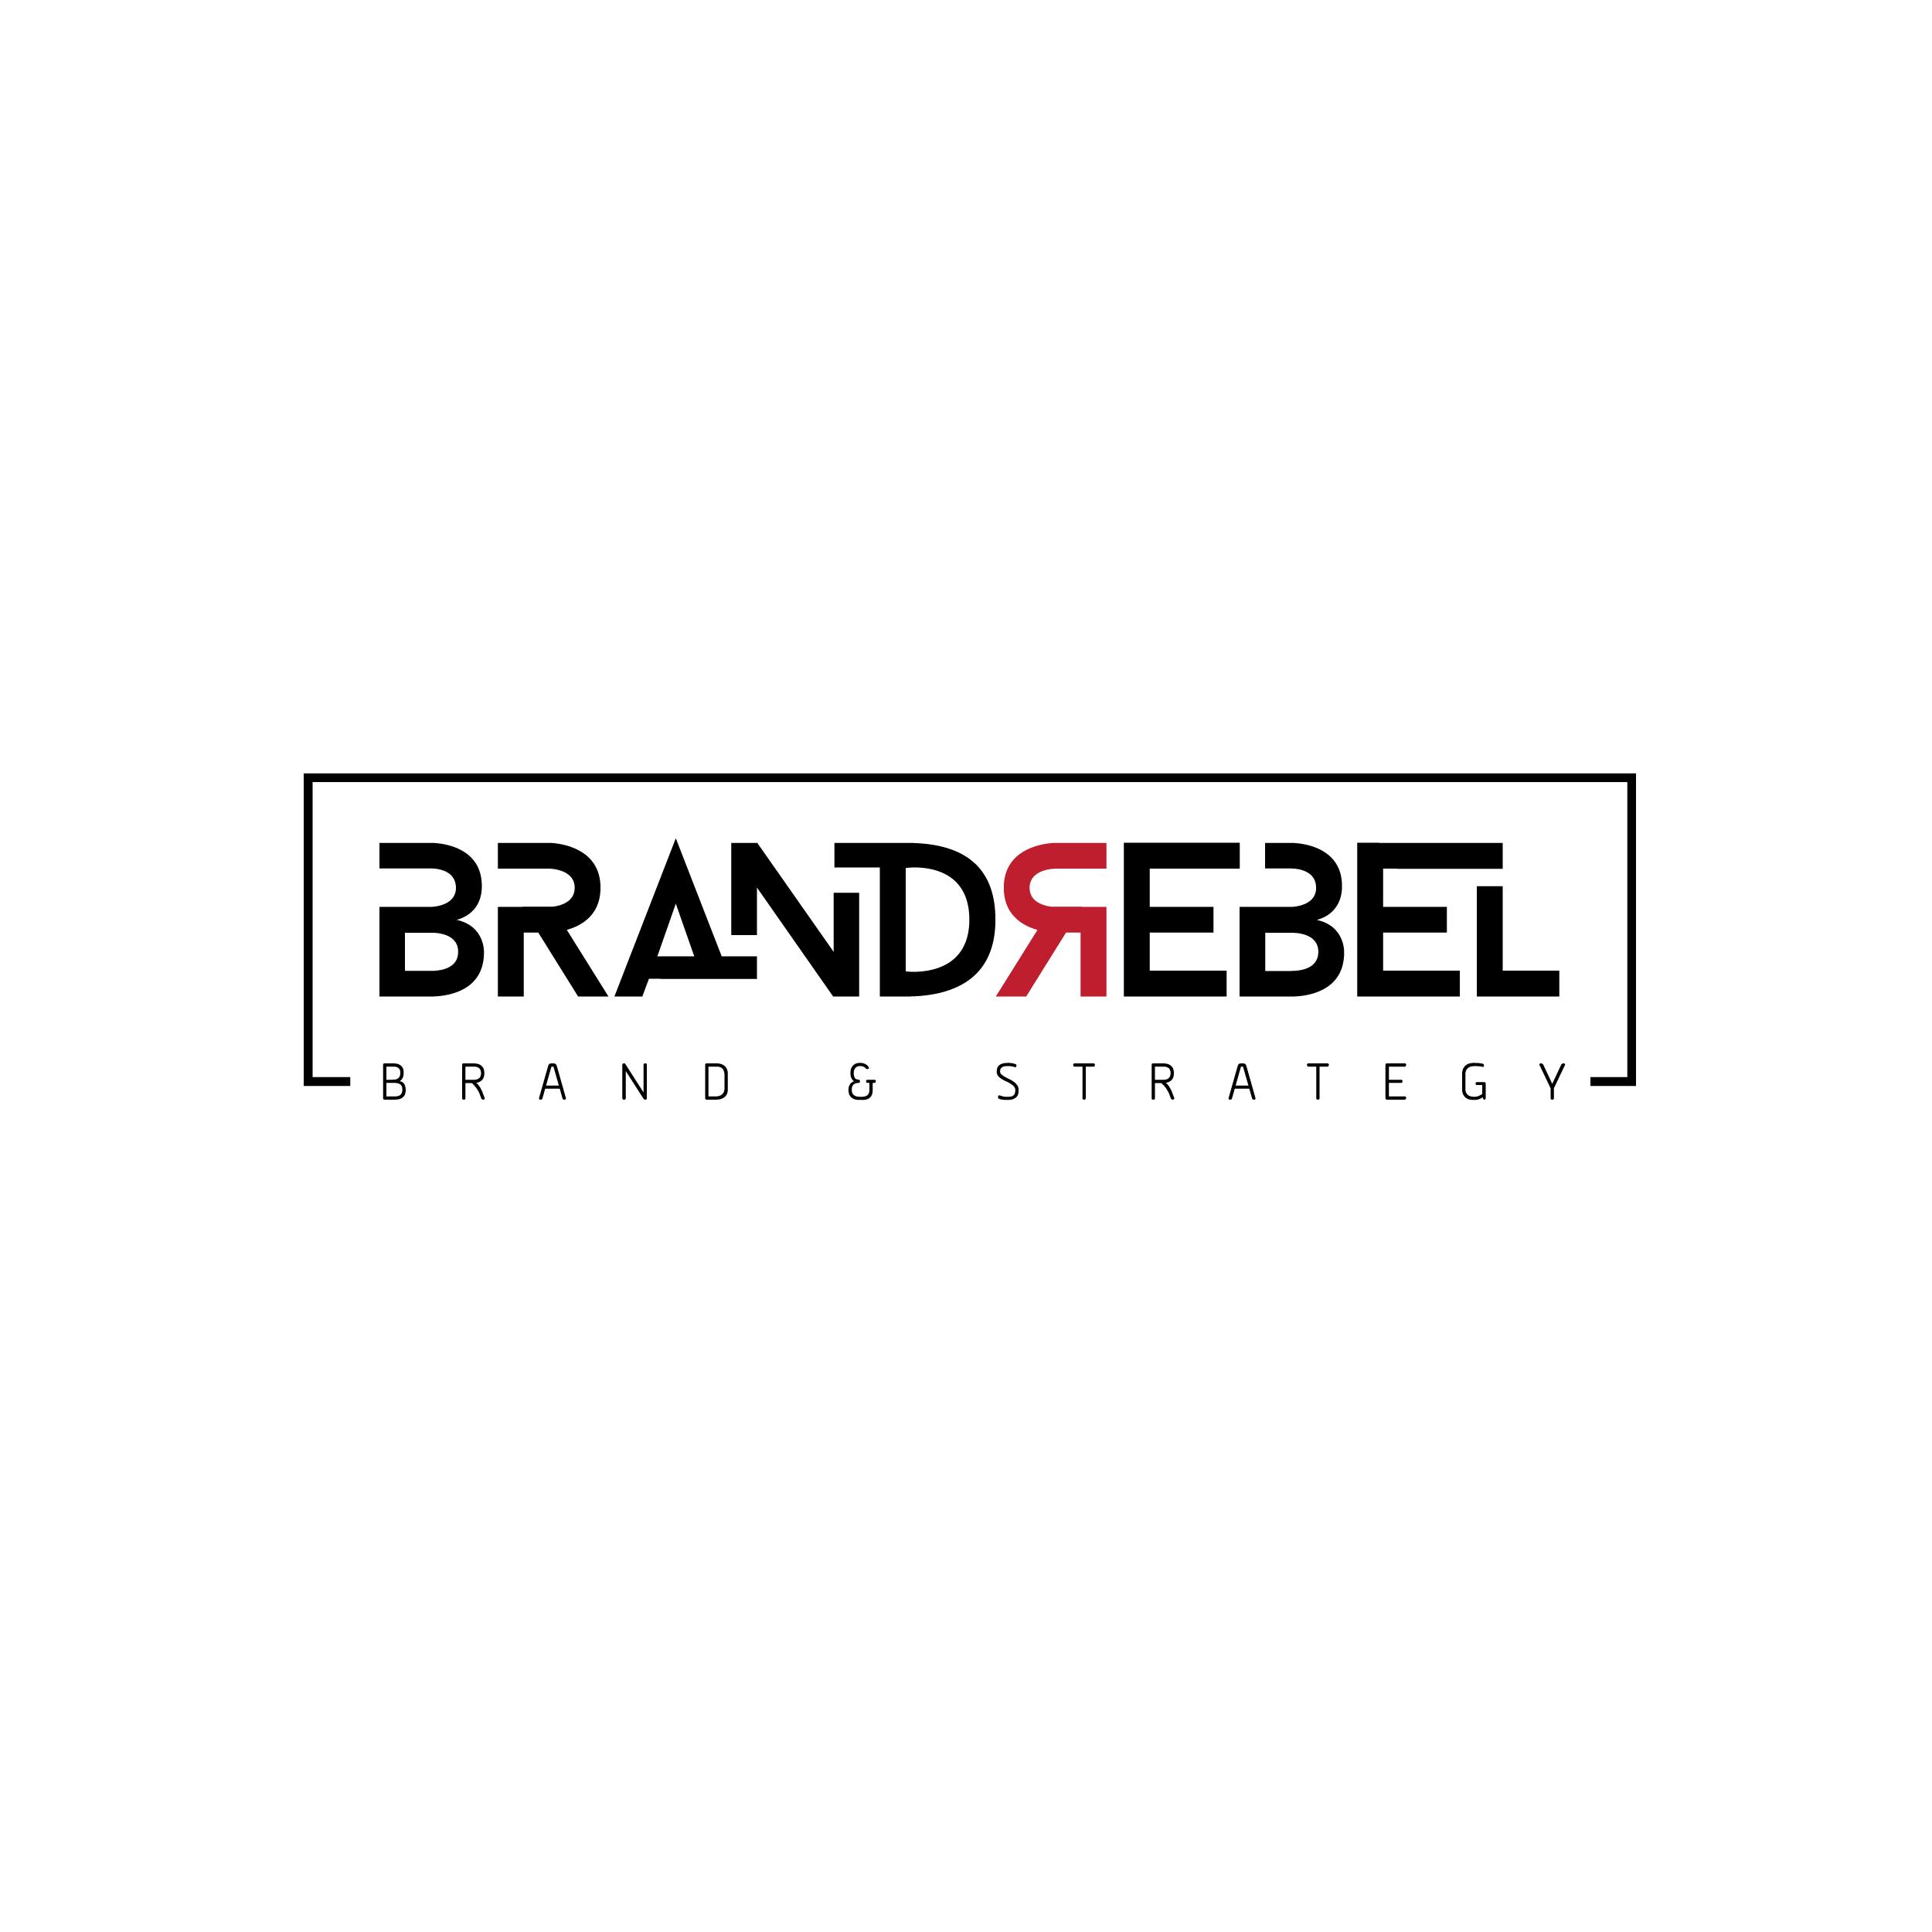 BrandRebel logo design by logo designer Jensen Group